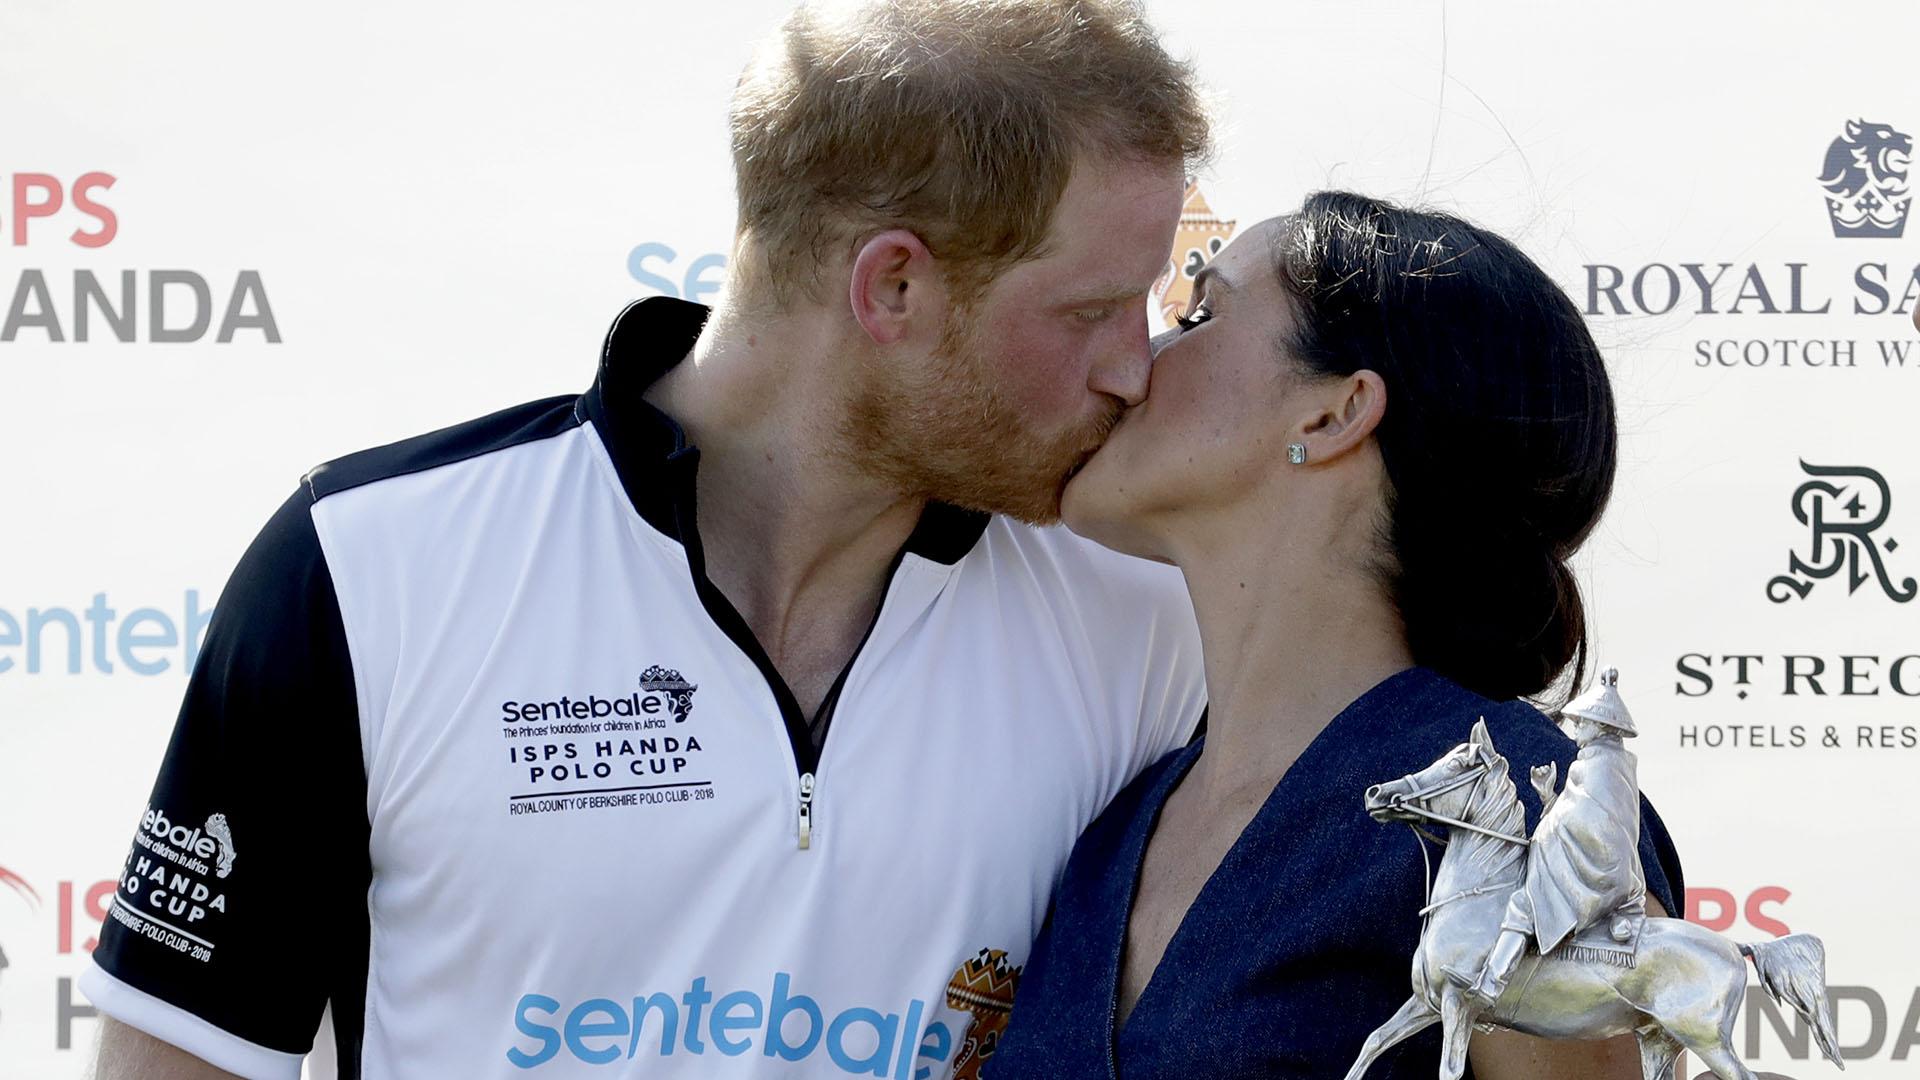 El beso del triunfo (o fuera del protocolo) de los Duques de Sussex por la victoria de Harry en el polo